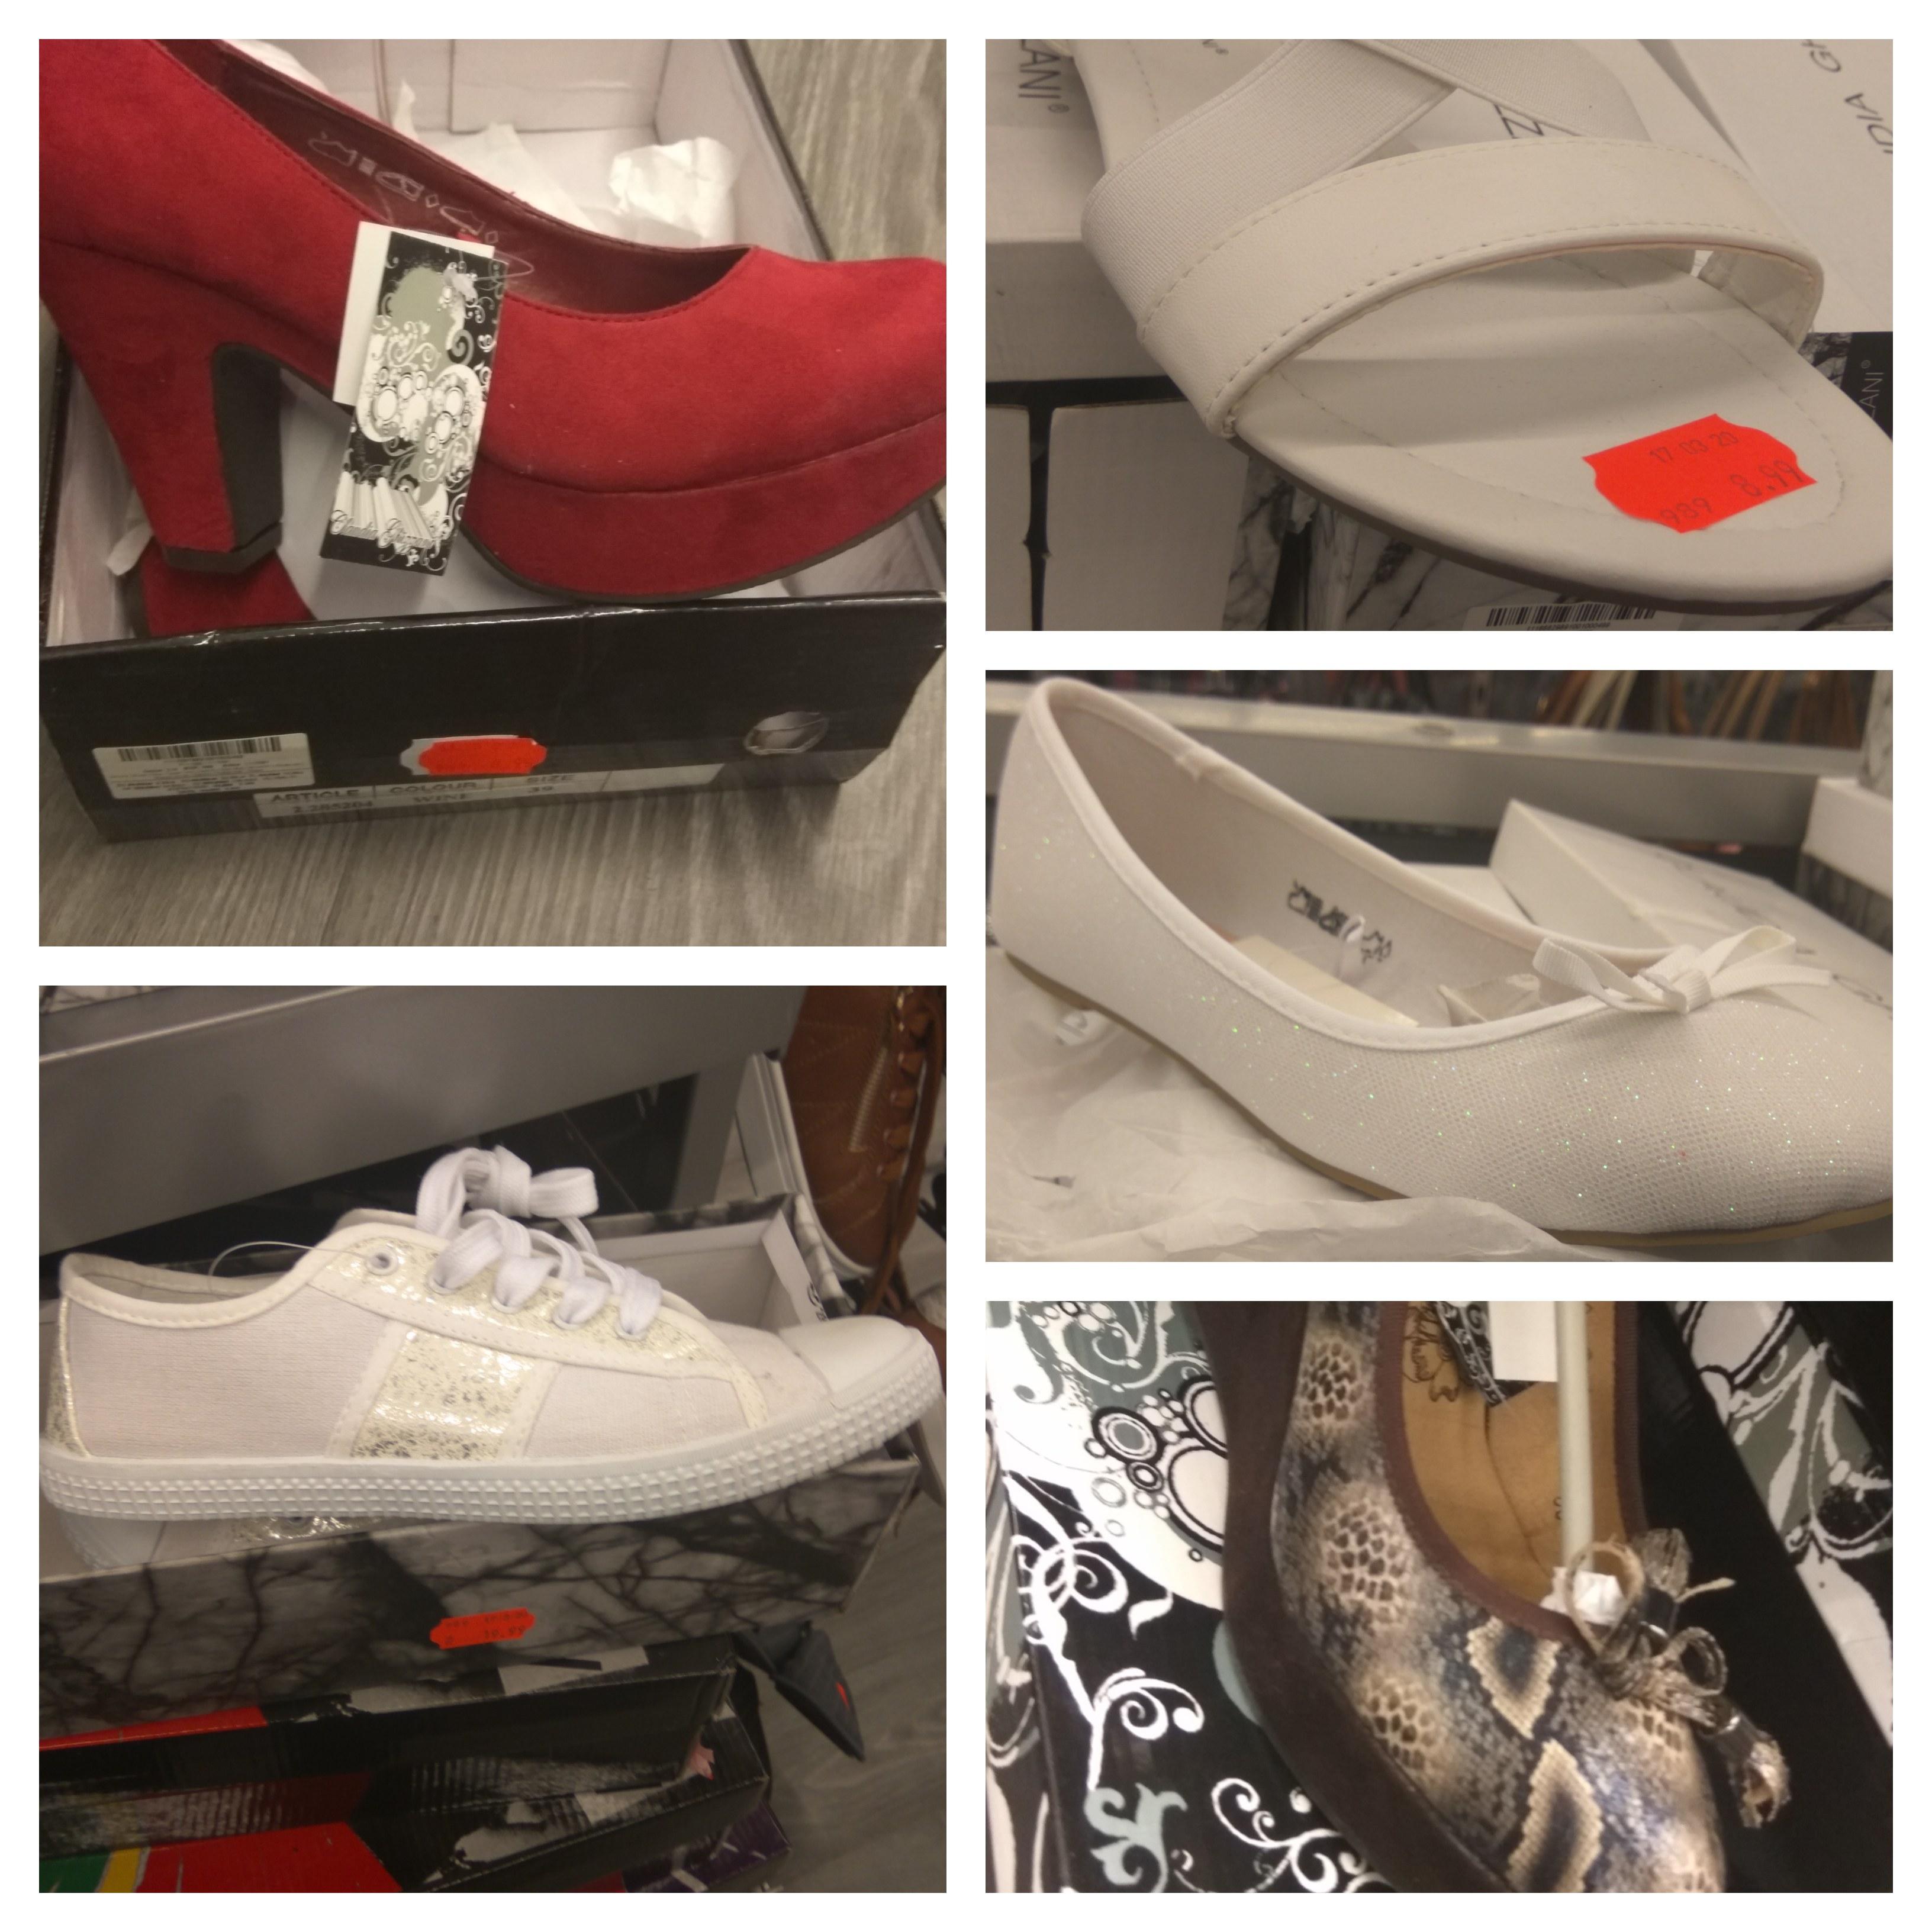 Buty damskie, różne rodzaje - KIK